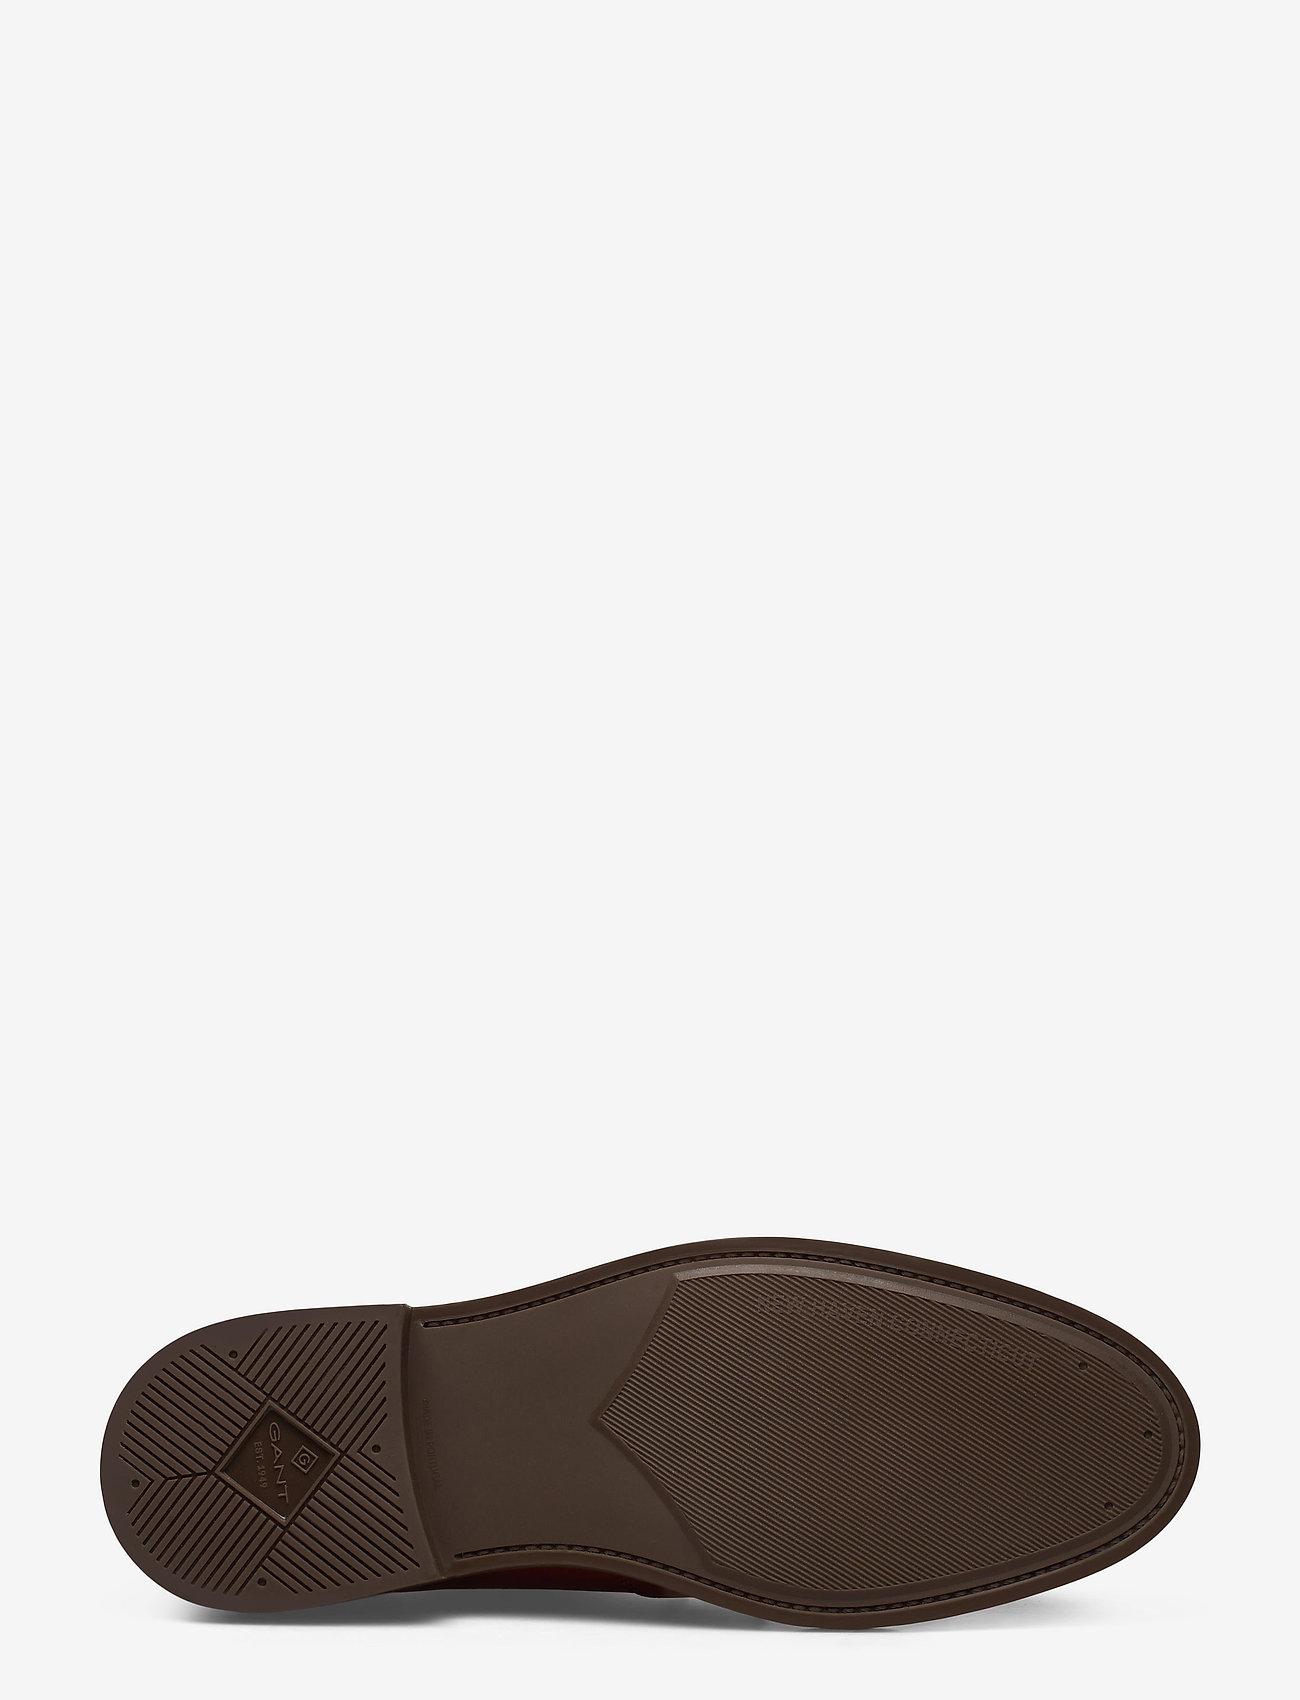 St Akron Low Lace Shoes (Cognac) - GANT